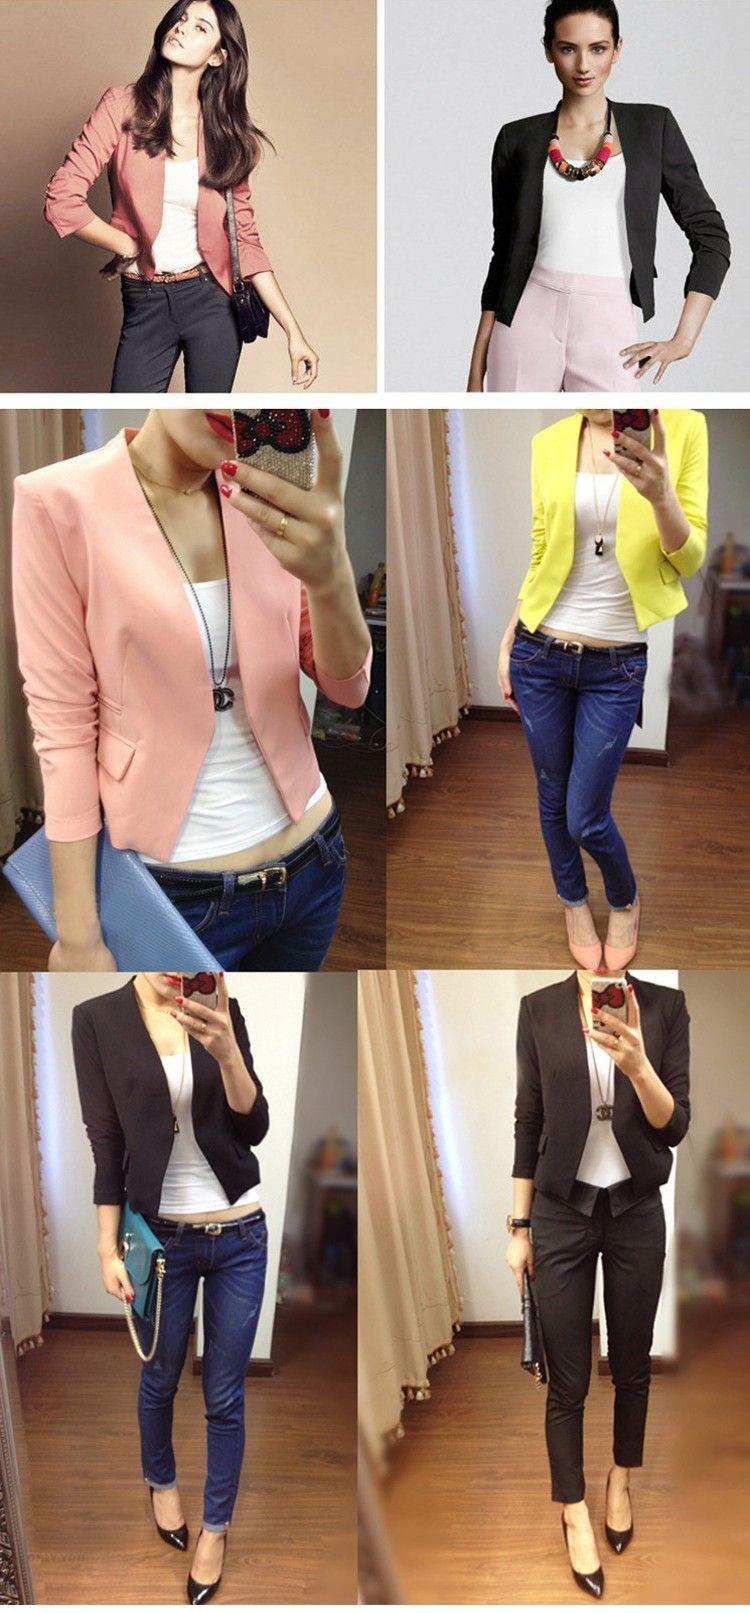 2.015 novo prichádzajúci ženy sako móda Outwear farebný kabát tri štvrtiny žien bunda ležérne žlté sako ženský JT48 (5)